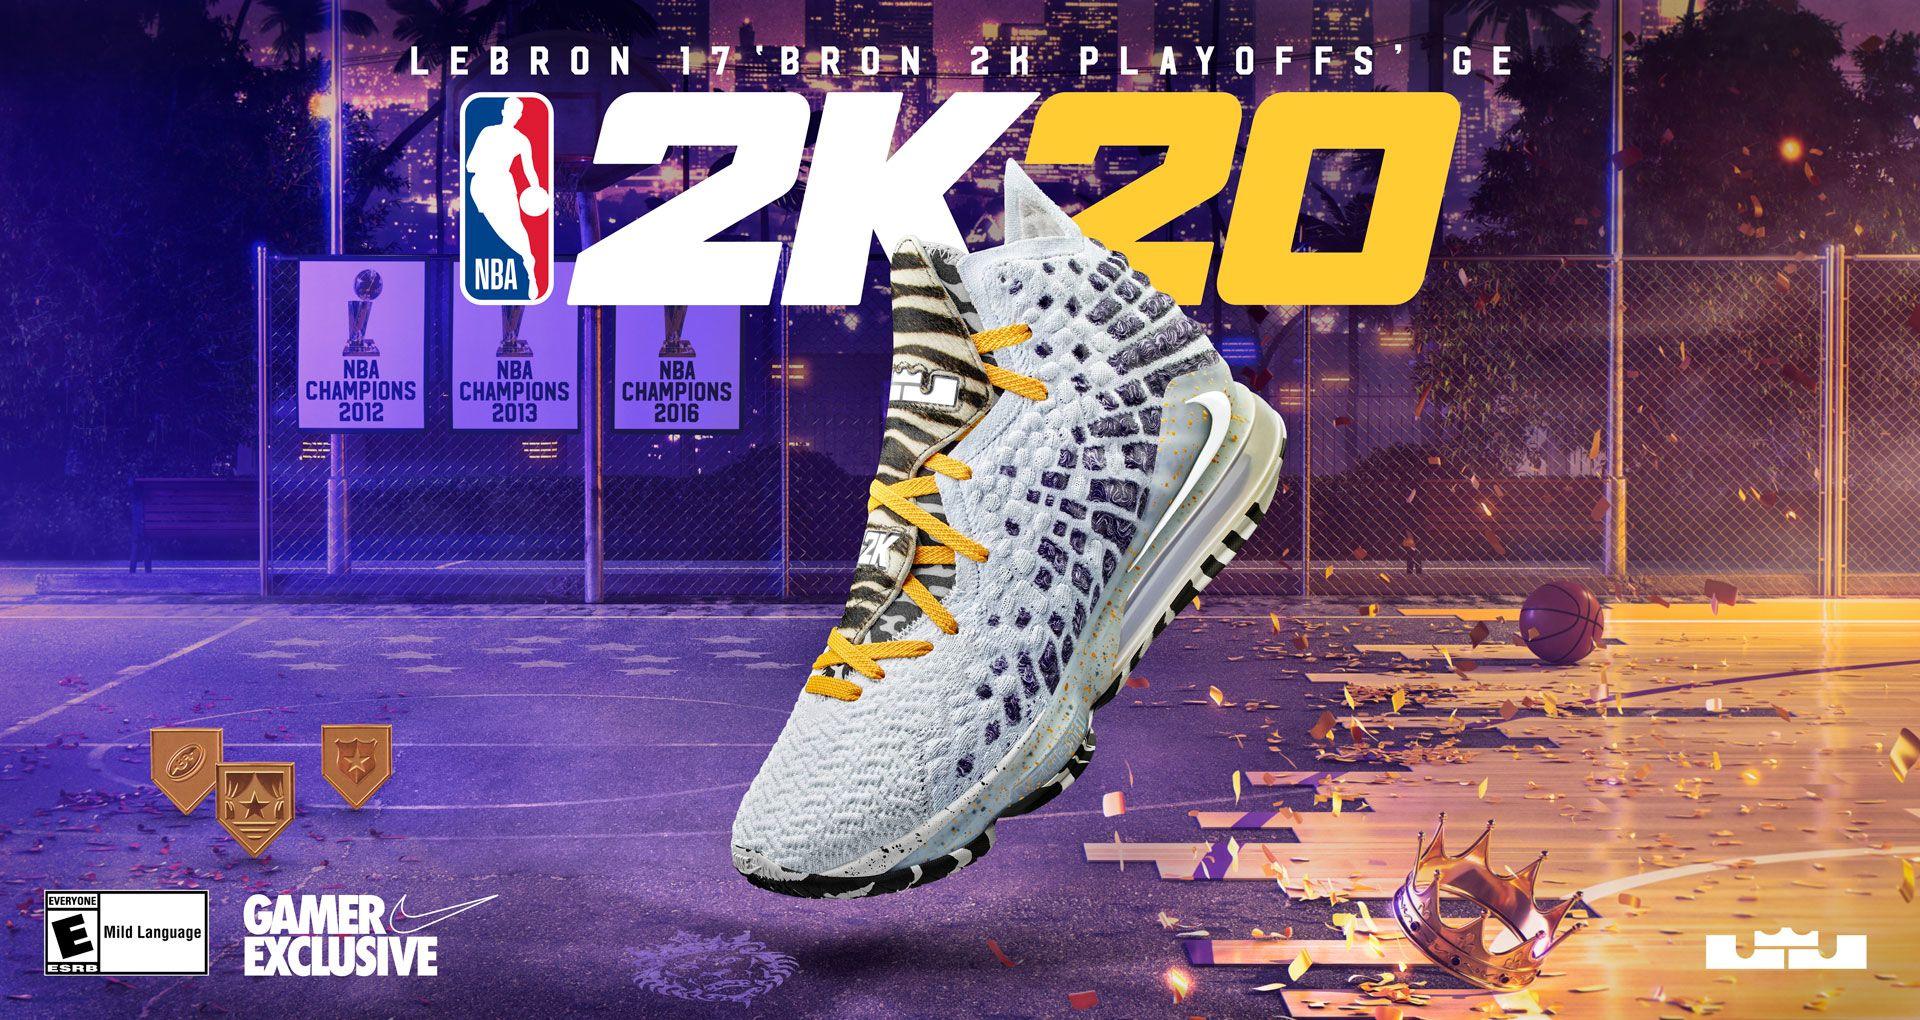 Nike LeBron 17 GE 'Bron 2K Playoffs